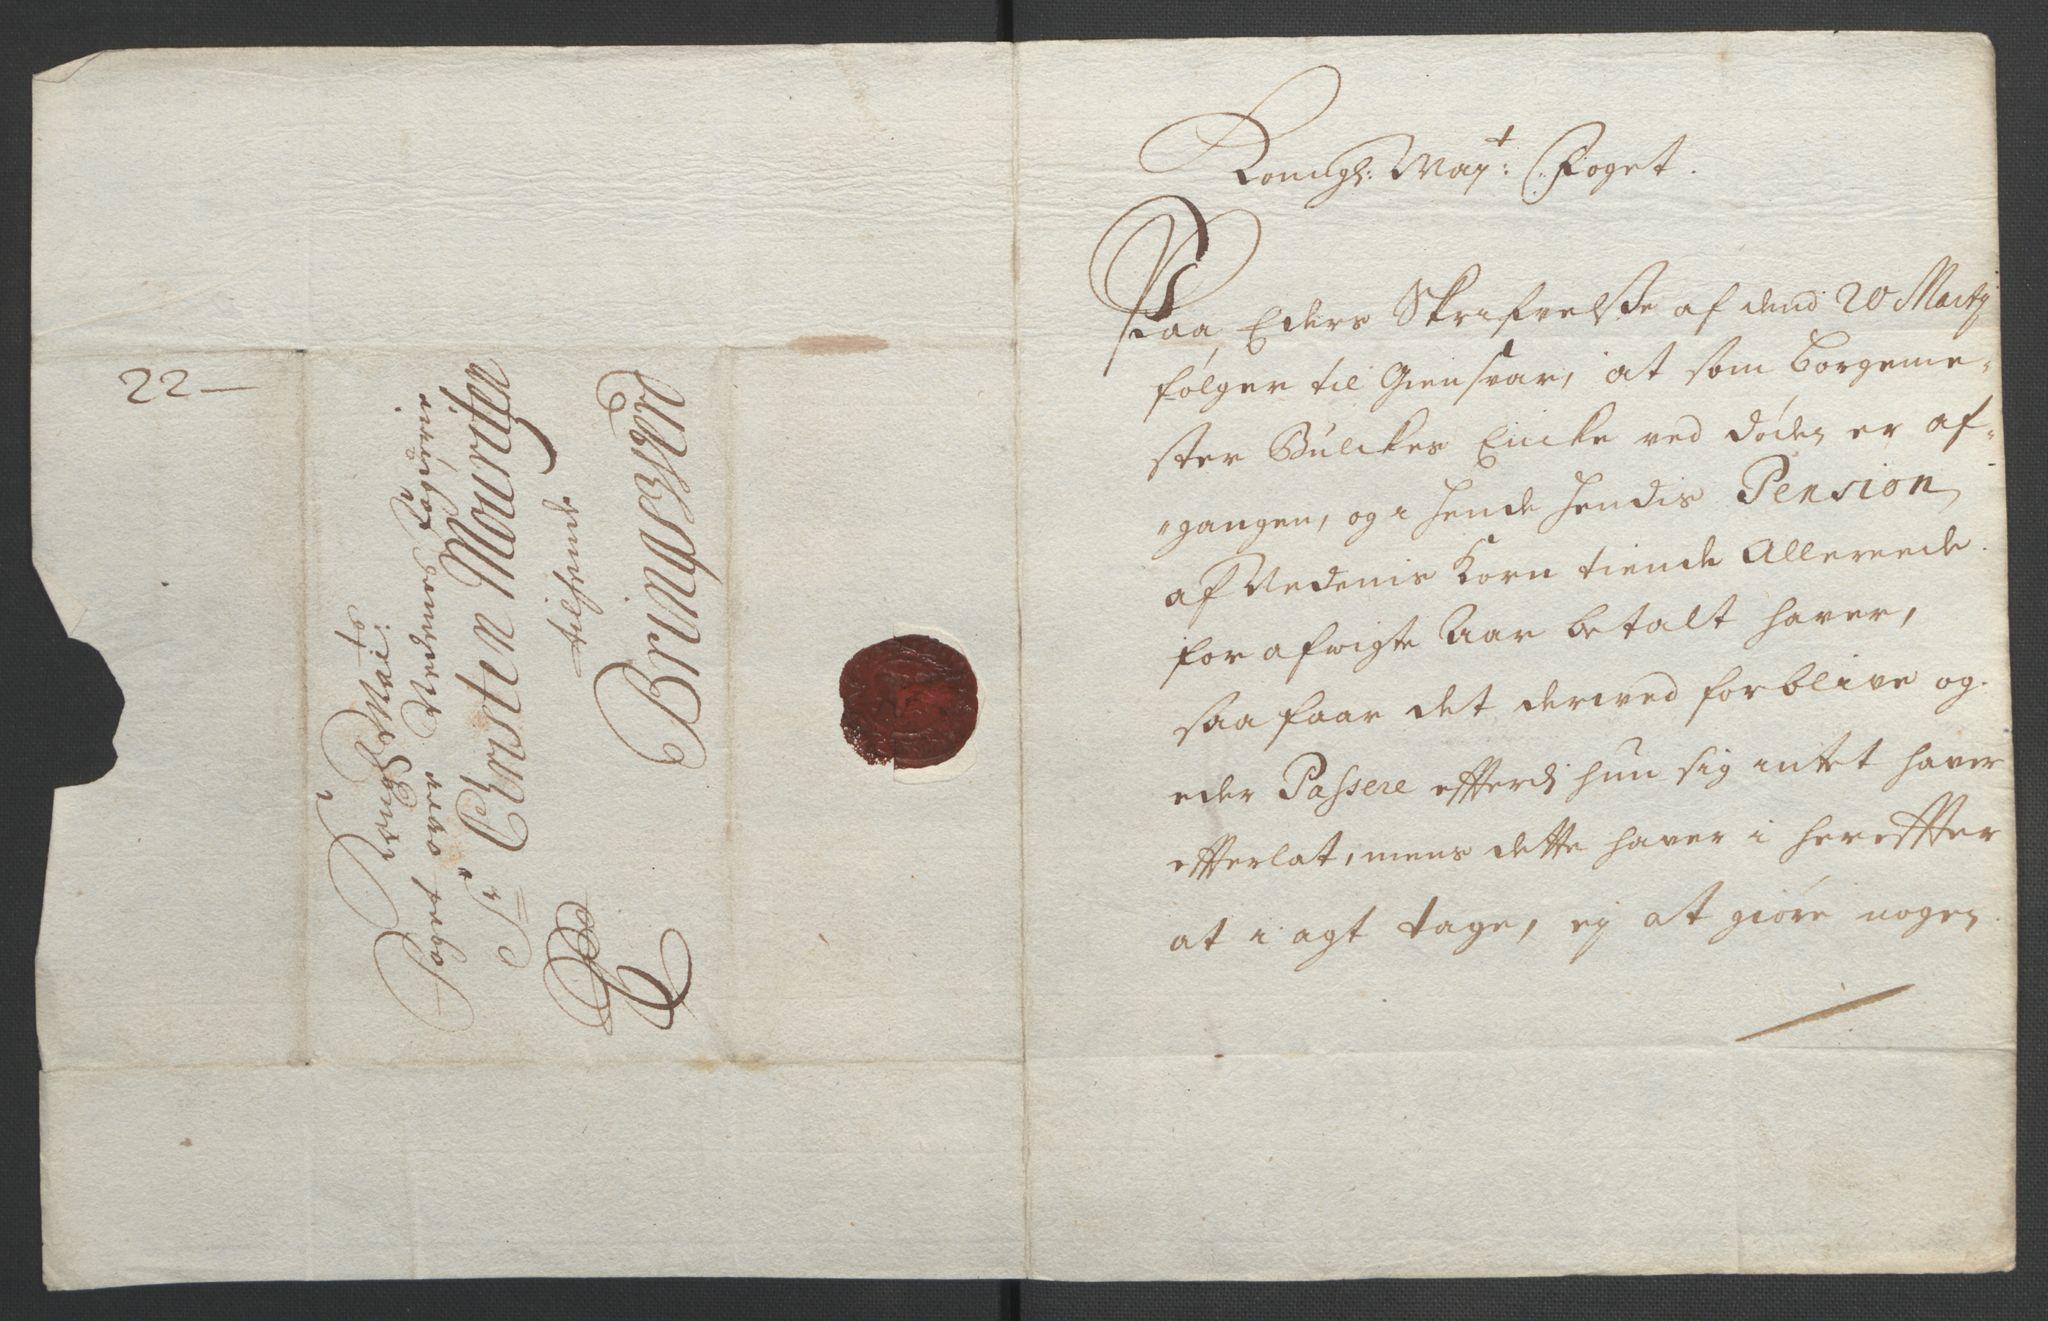 RA, Rentekammeret inntil 1814, Reviderte regnskaper, Fogderegnskap, R39/L2312: Fogderegnskap Nedenes, 1693-1695, s. 183